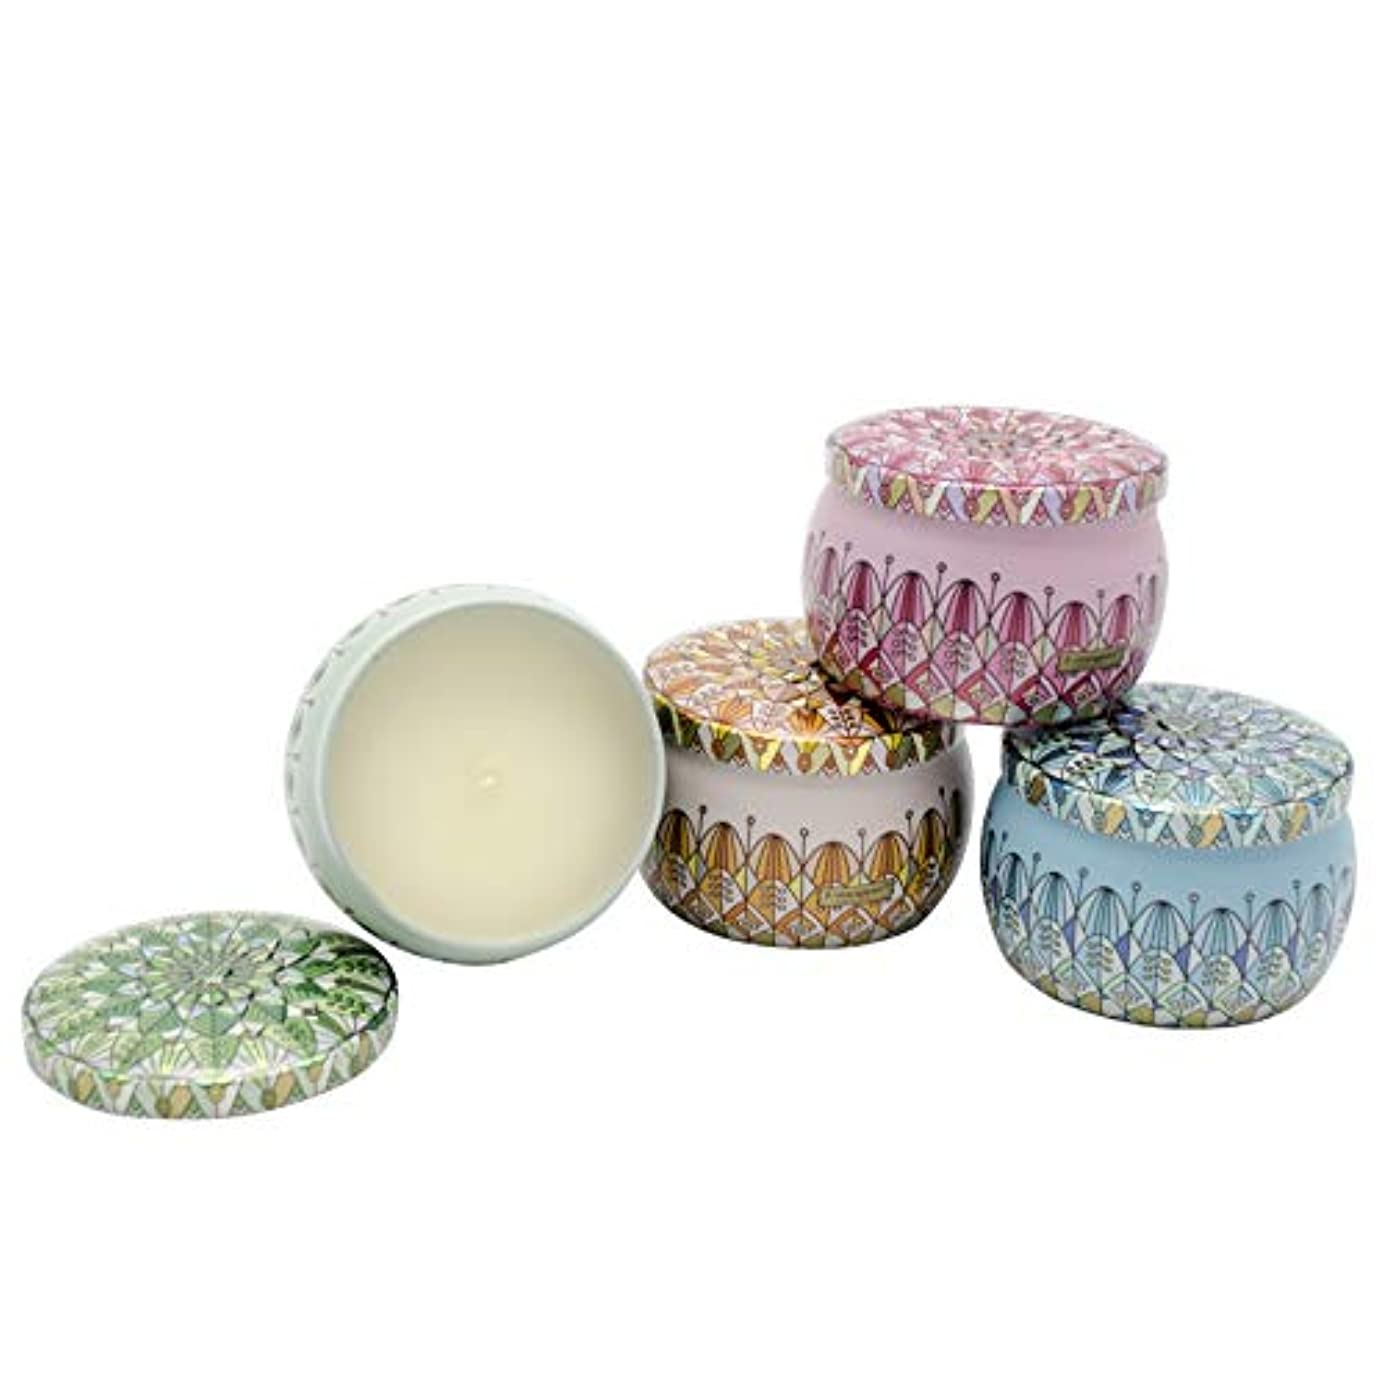 ティンキャンドル ジオメトリ柄缶 4本セット アロマキャンドル バニラ&琥珀 シーウィンド&ブロッサム ホワイトアジサイ オレンジブロッサム